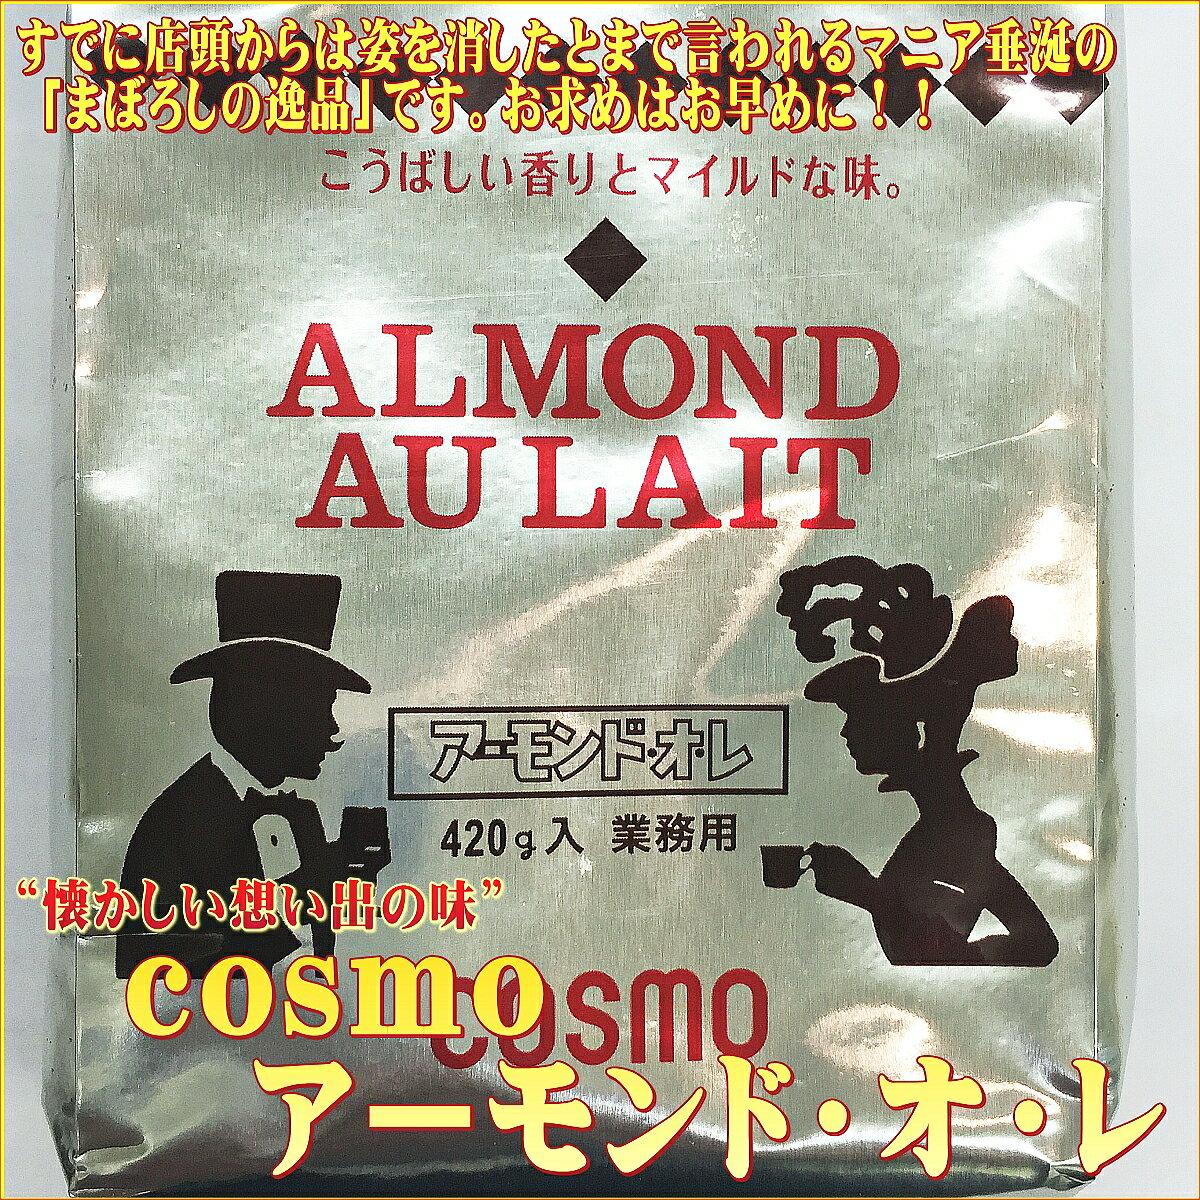 アーモンドオレ(コスモ420g)